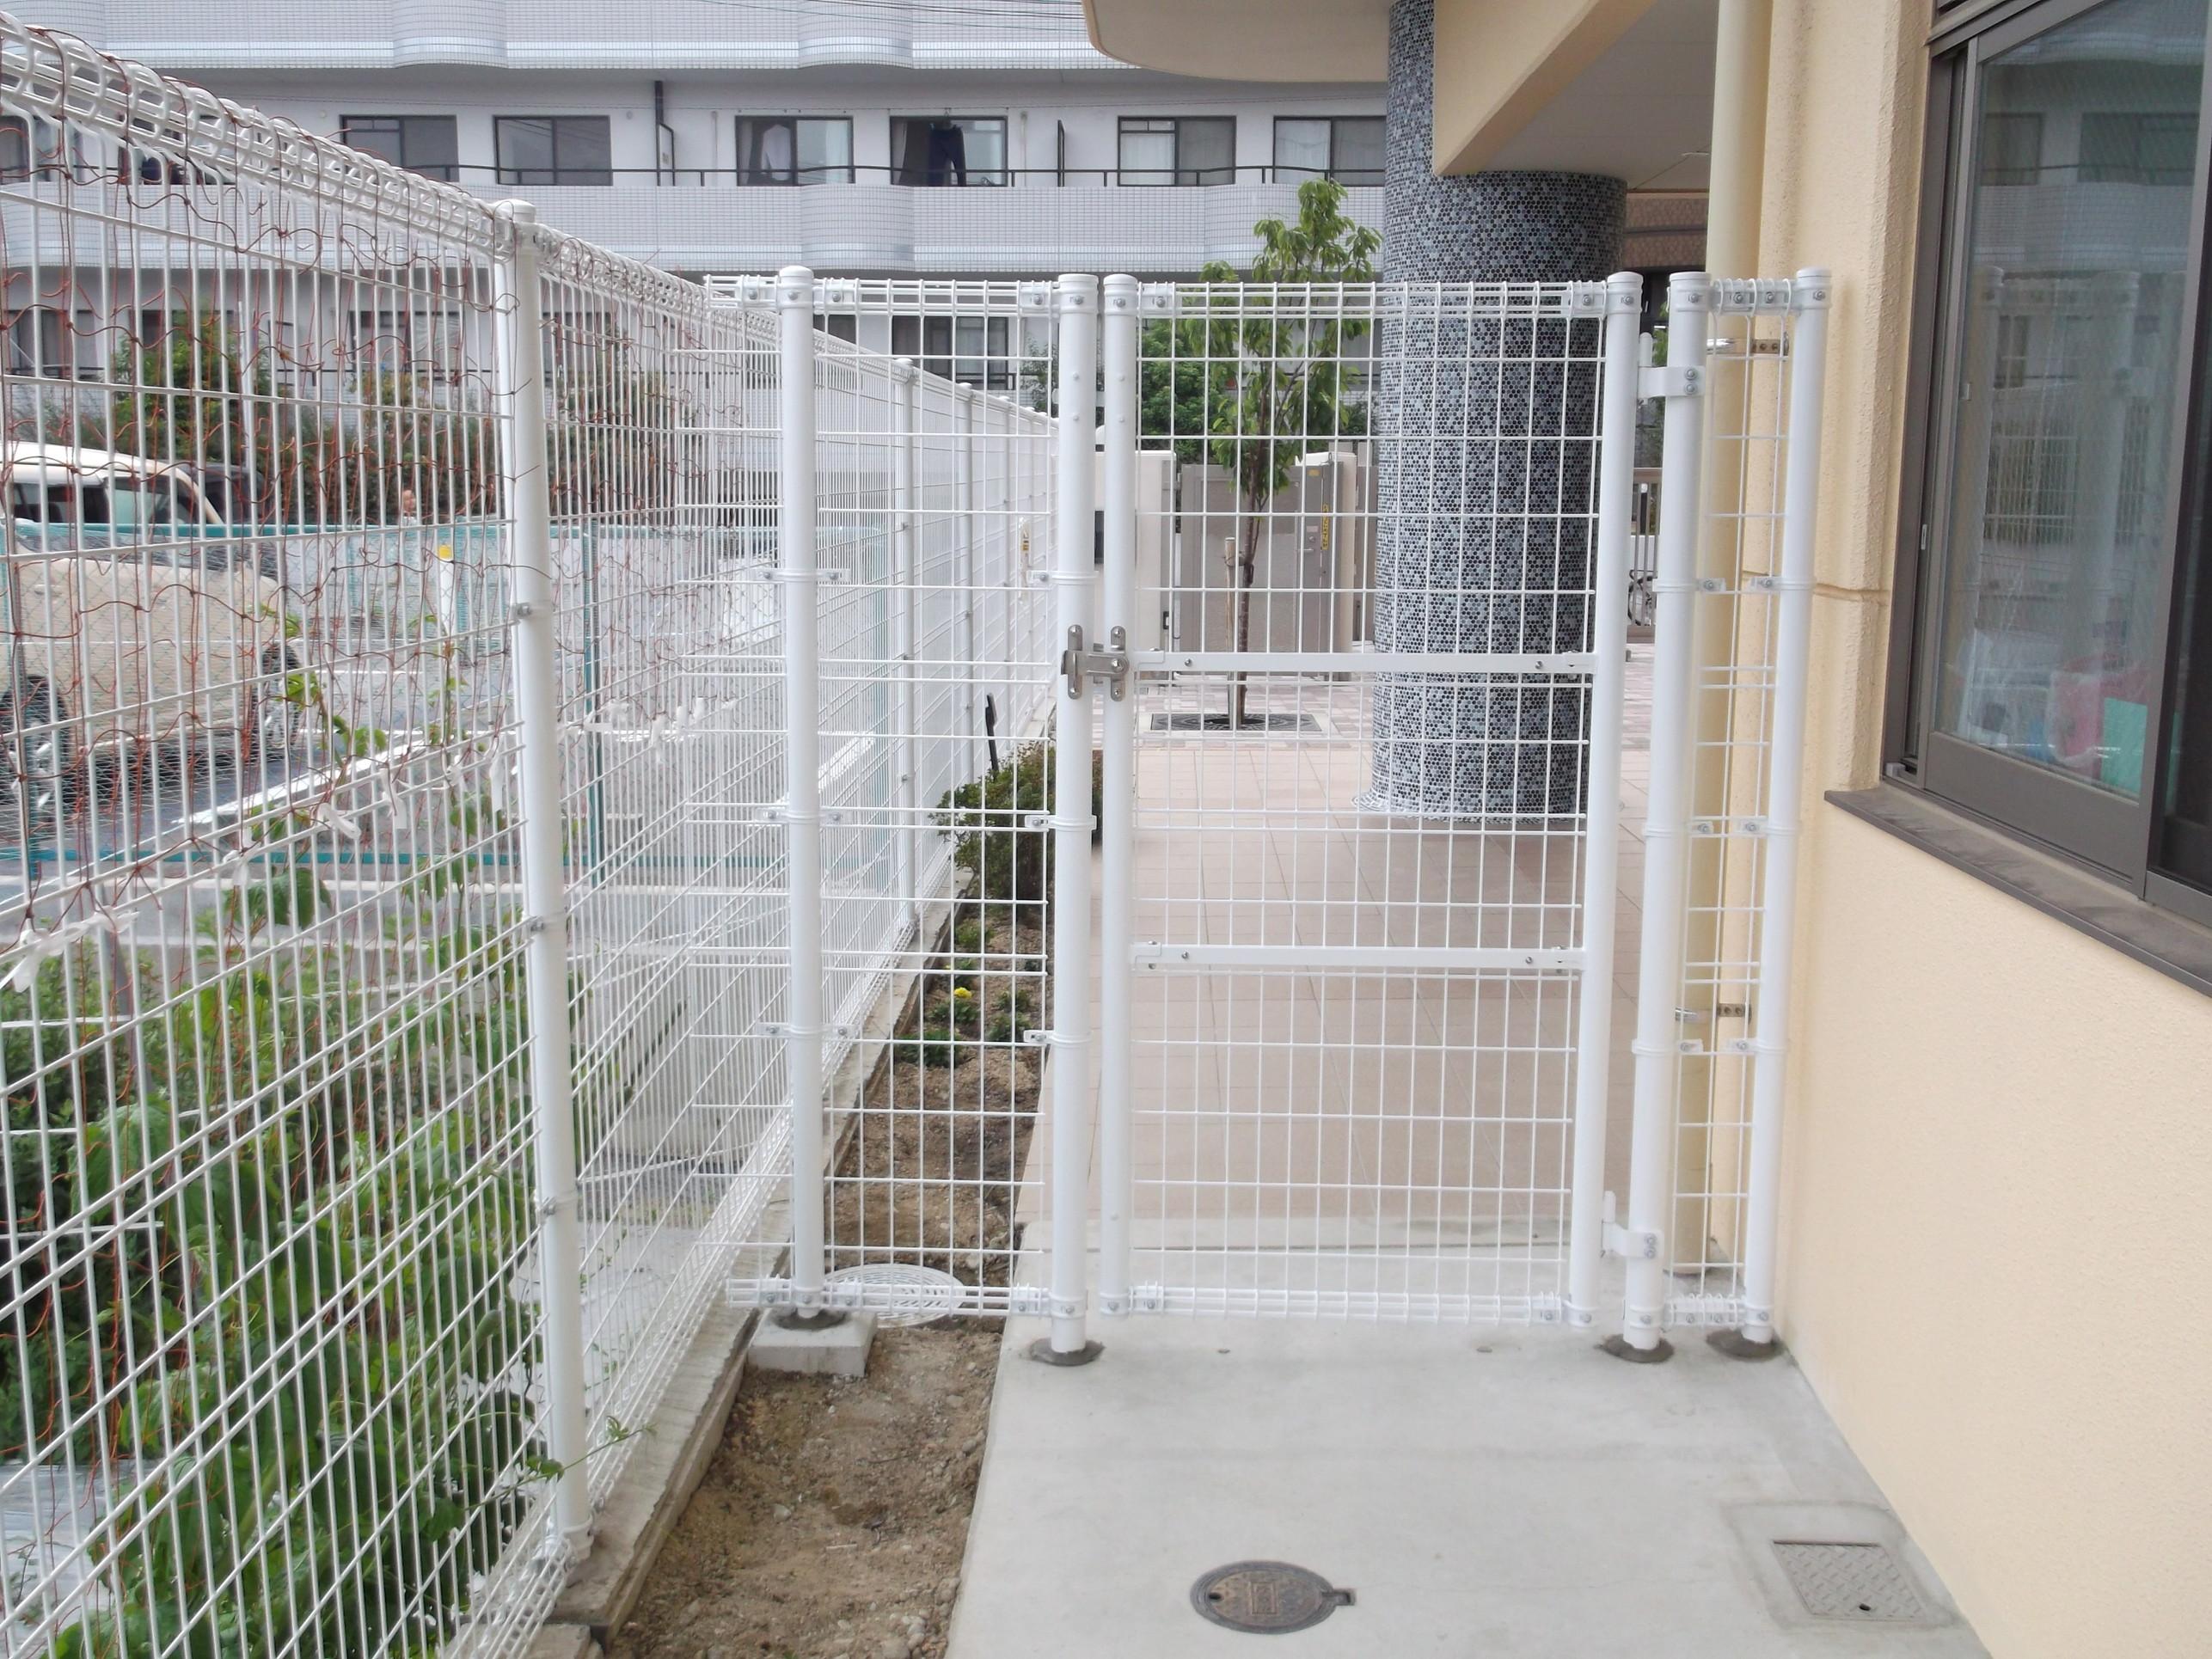 宝塚市 保育園 フェンス設置イメージ01